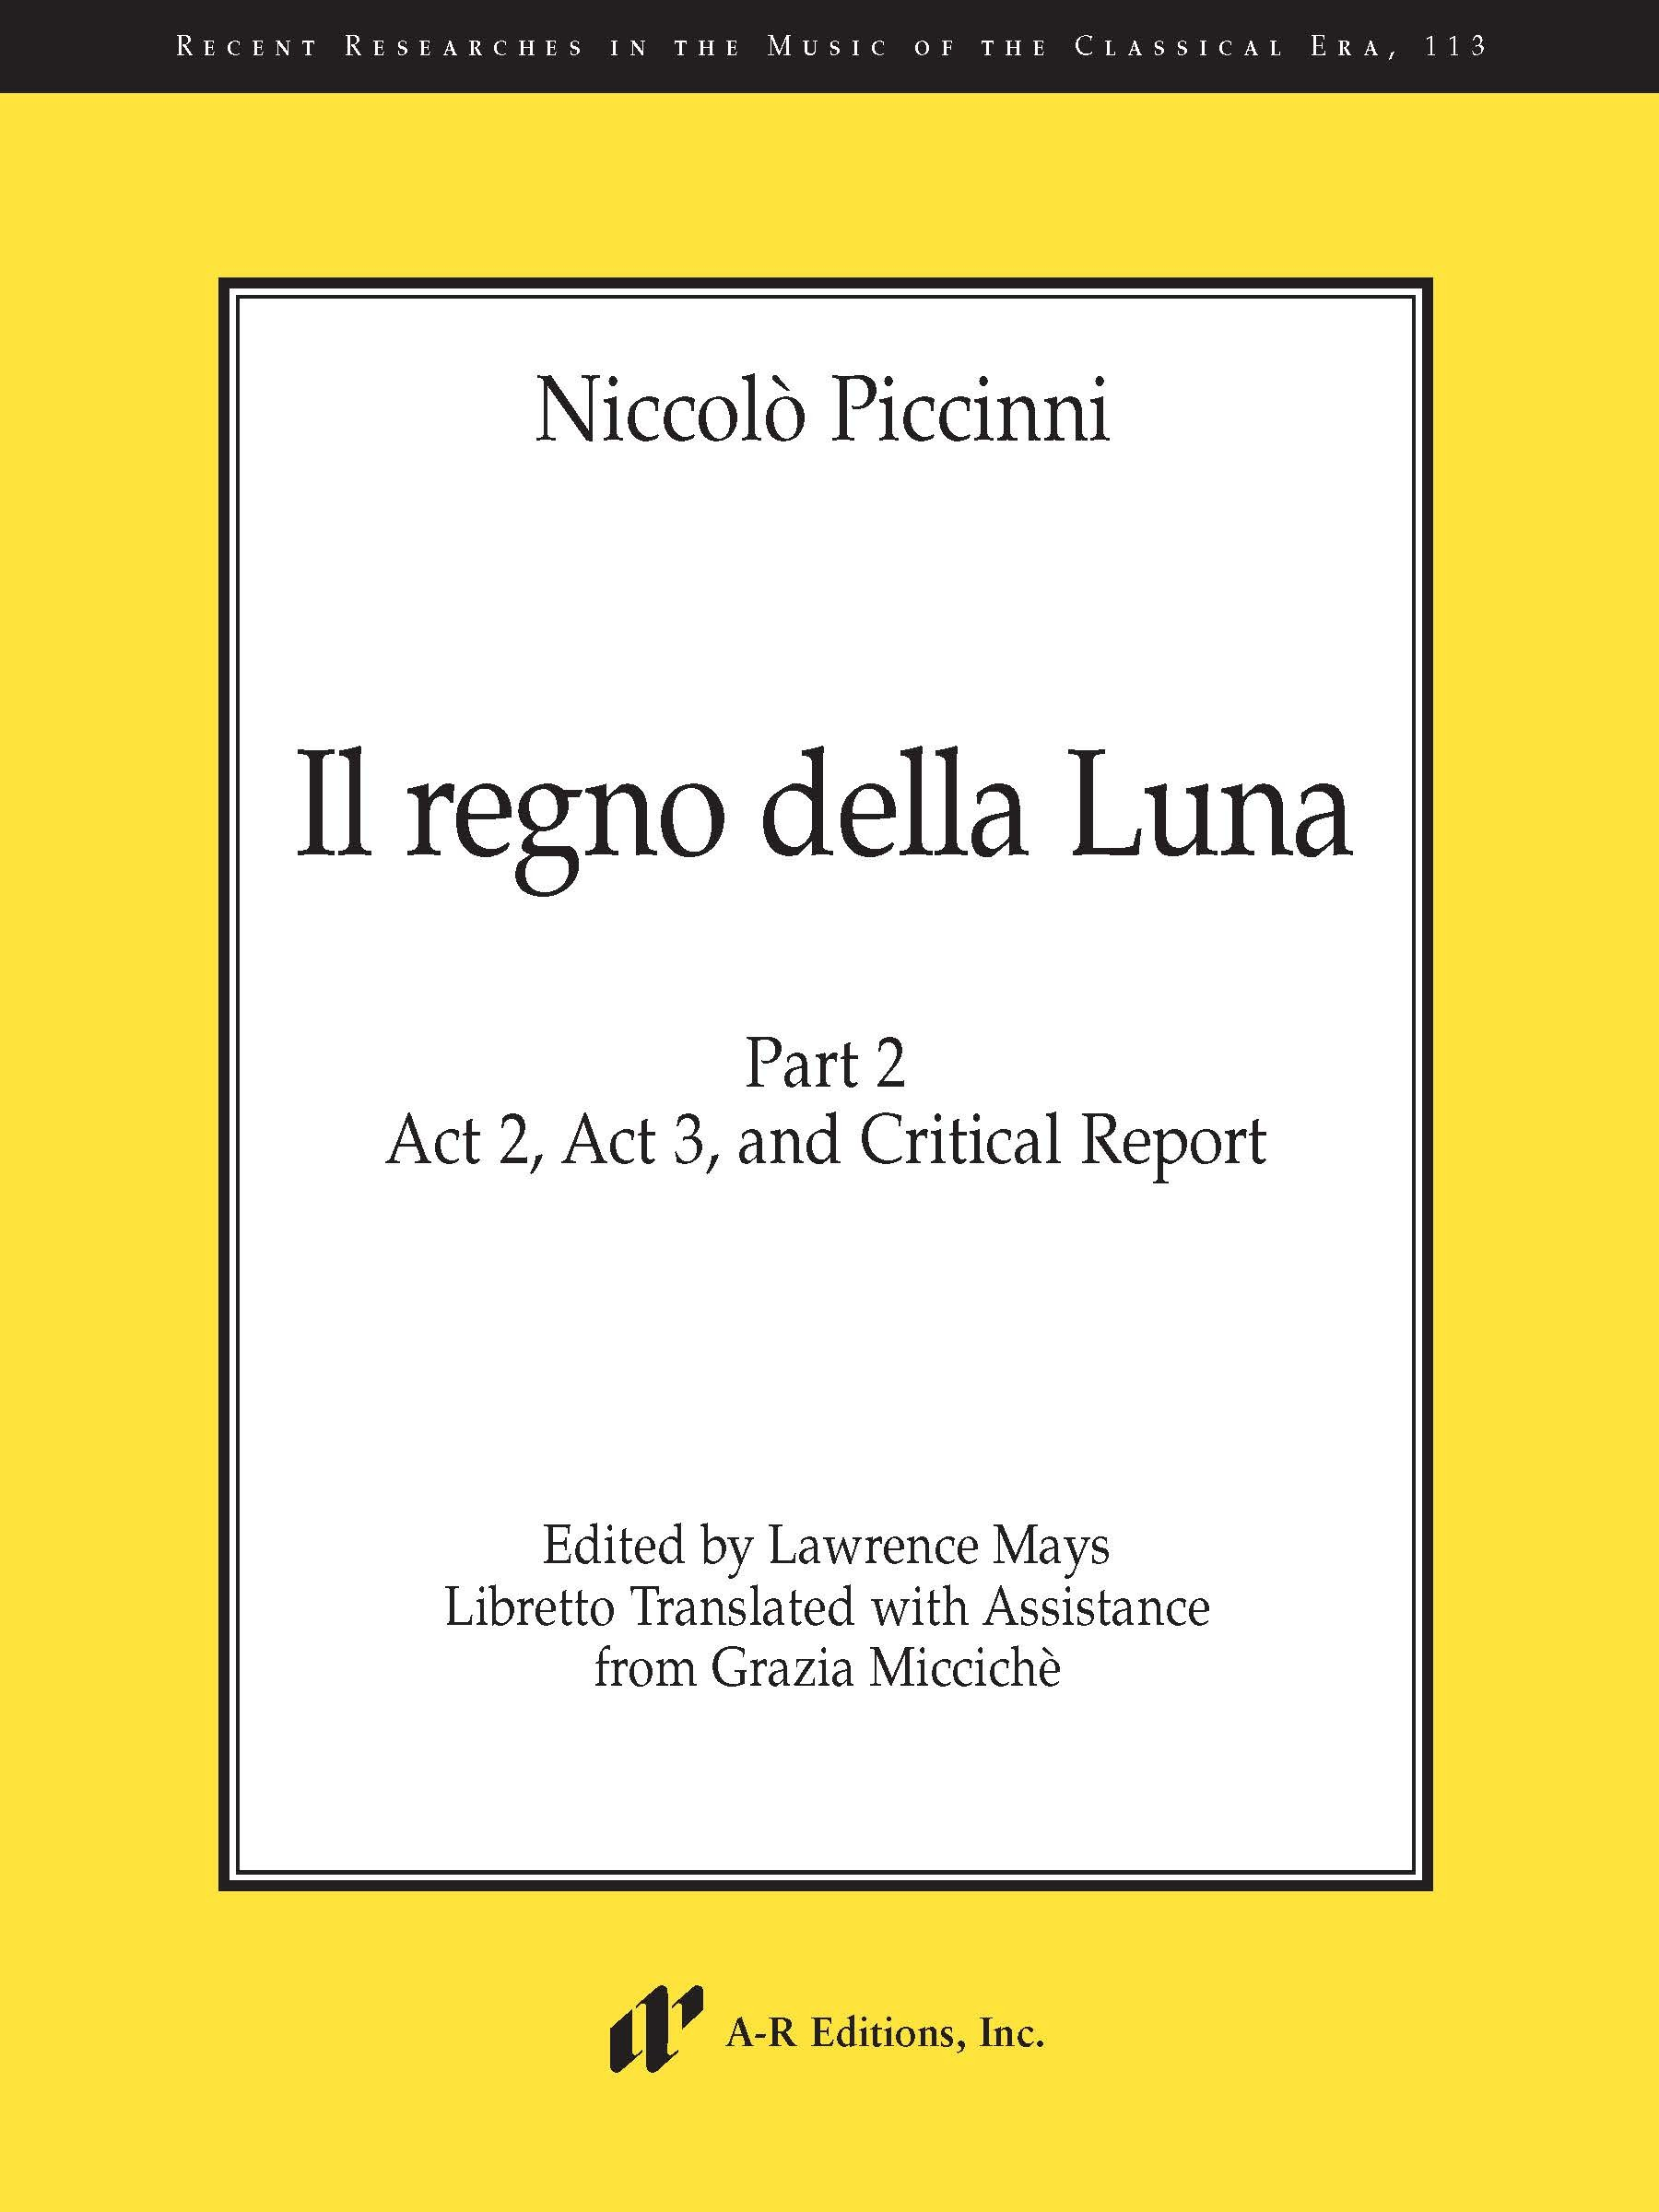 Piccinni: Il regno della Luna, Part 2